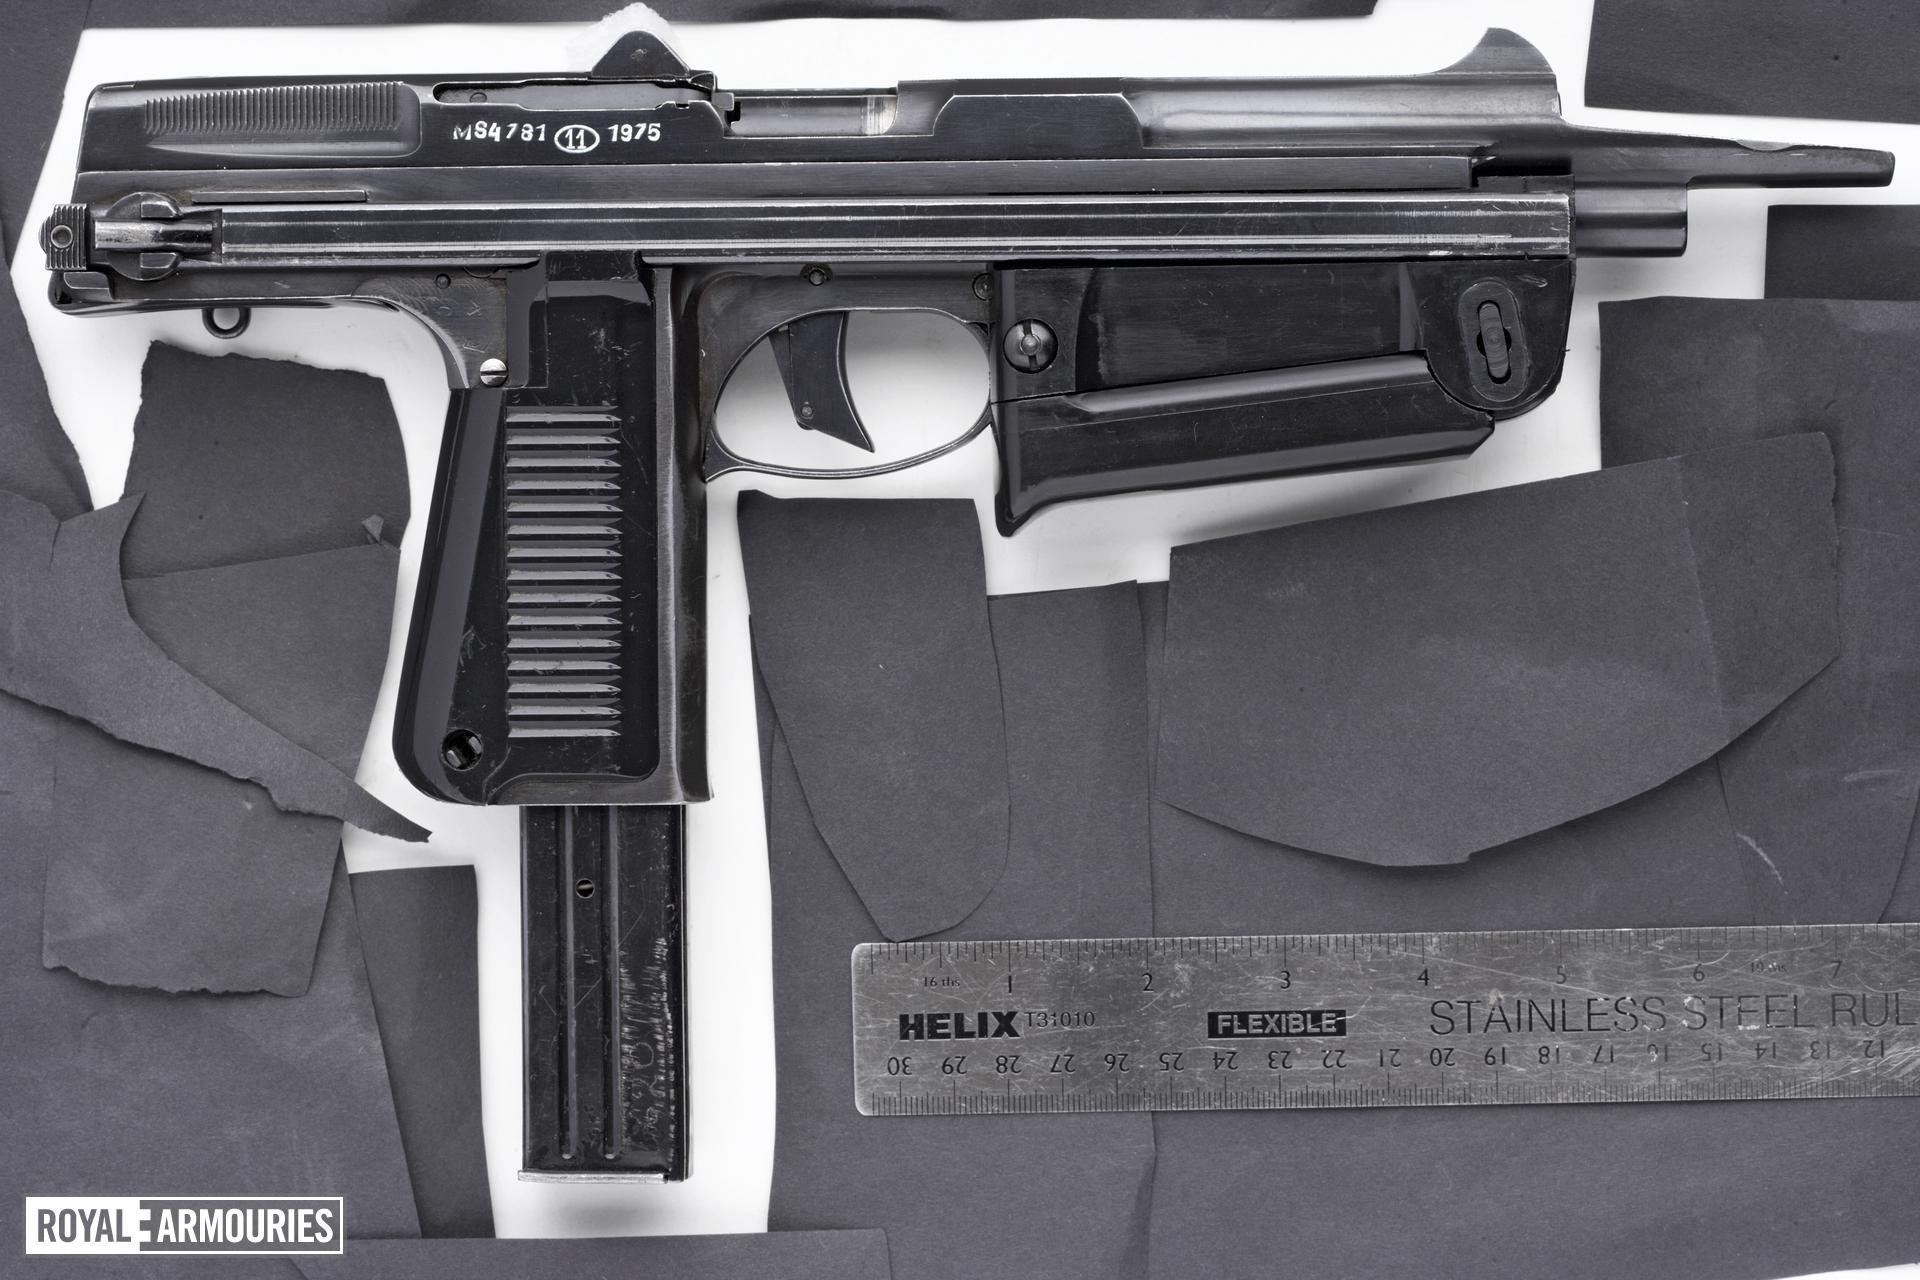 Centrefire self-loading pistol - Wz63